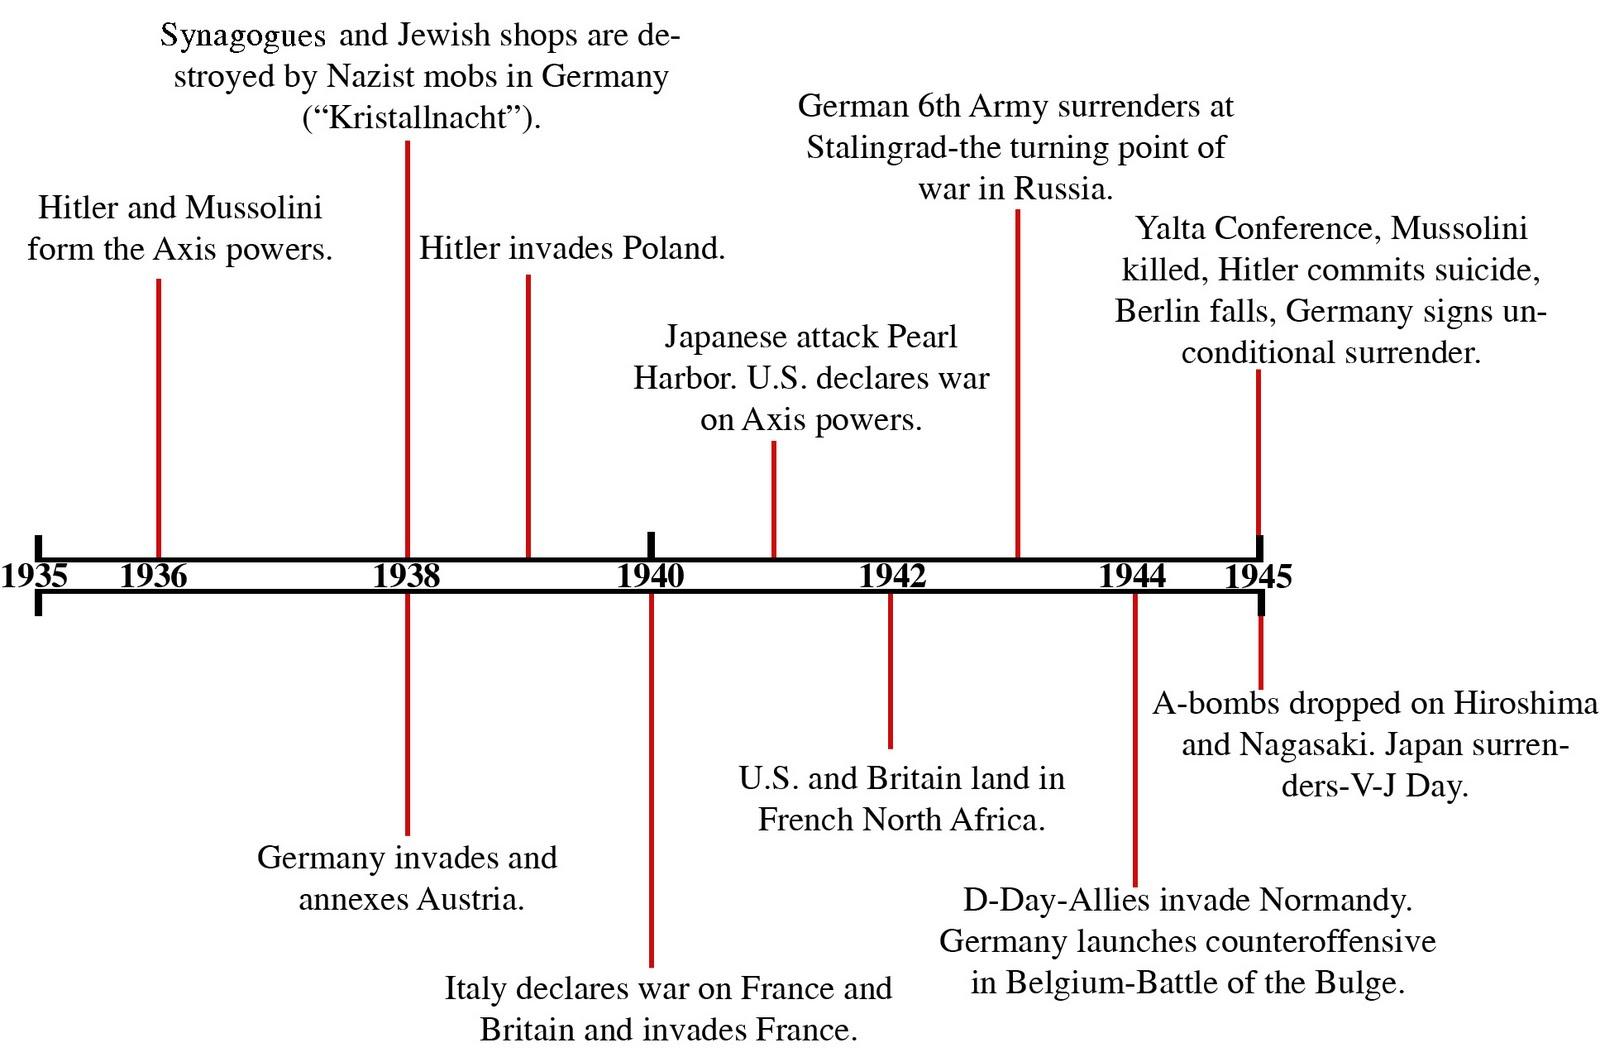 Ww2 Timeline And Timeline